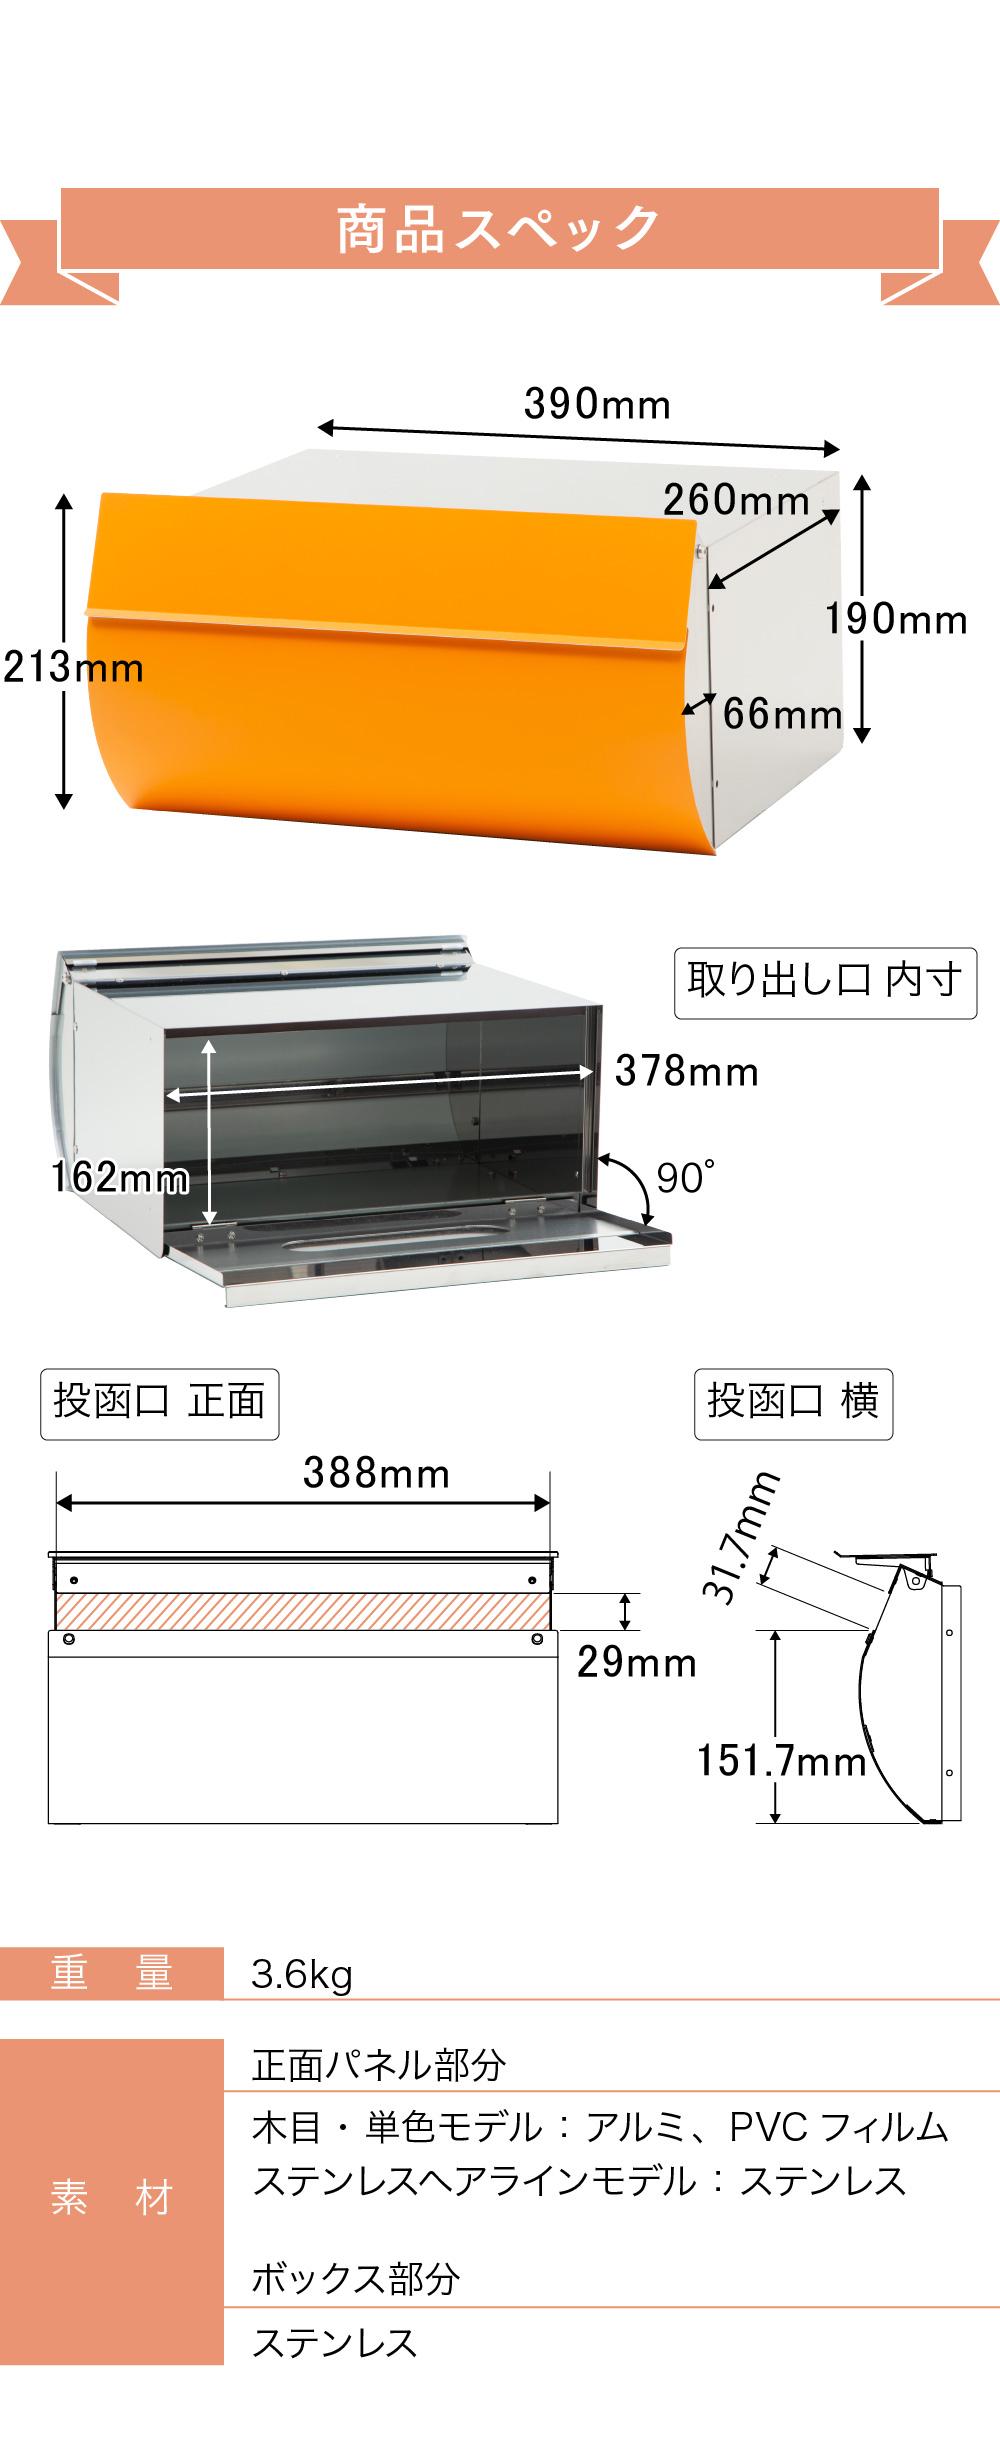 LEONデザイナーズ郵便ポスト MB0510 木目調 寸法スペック